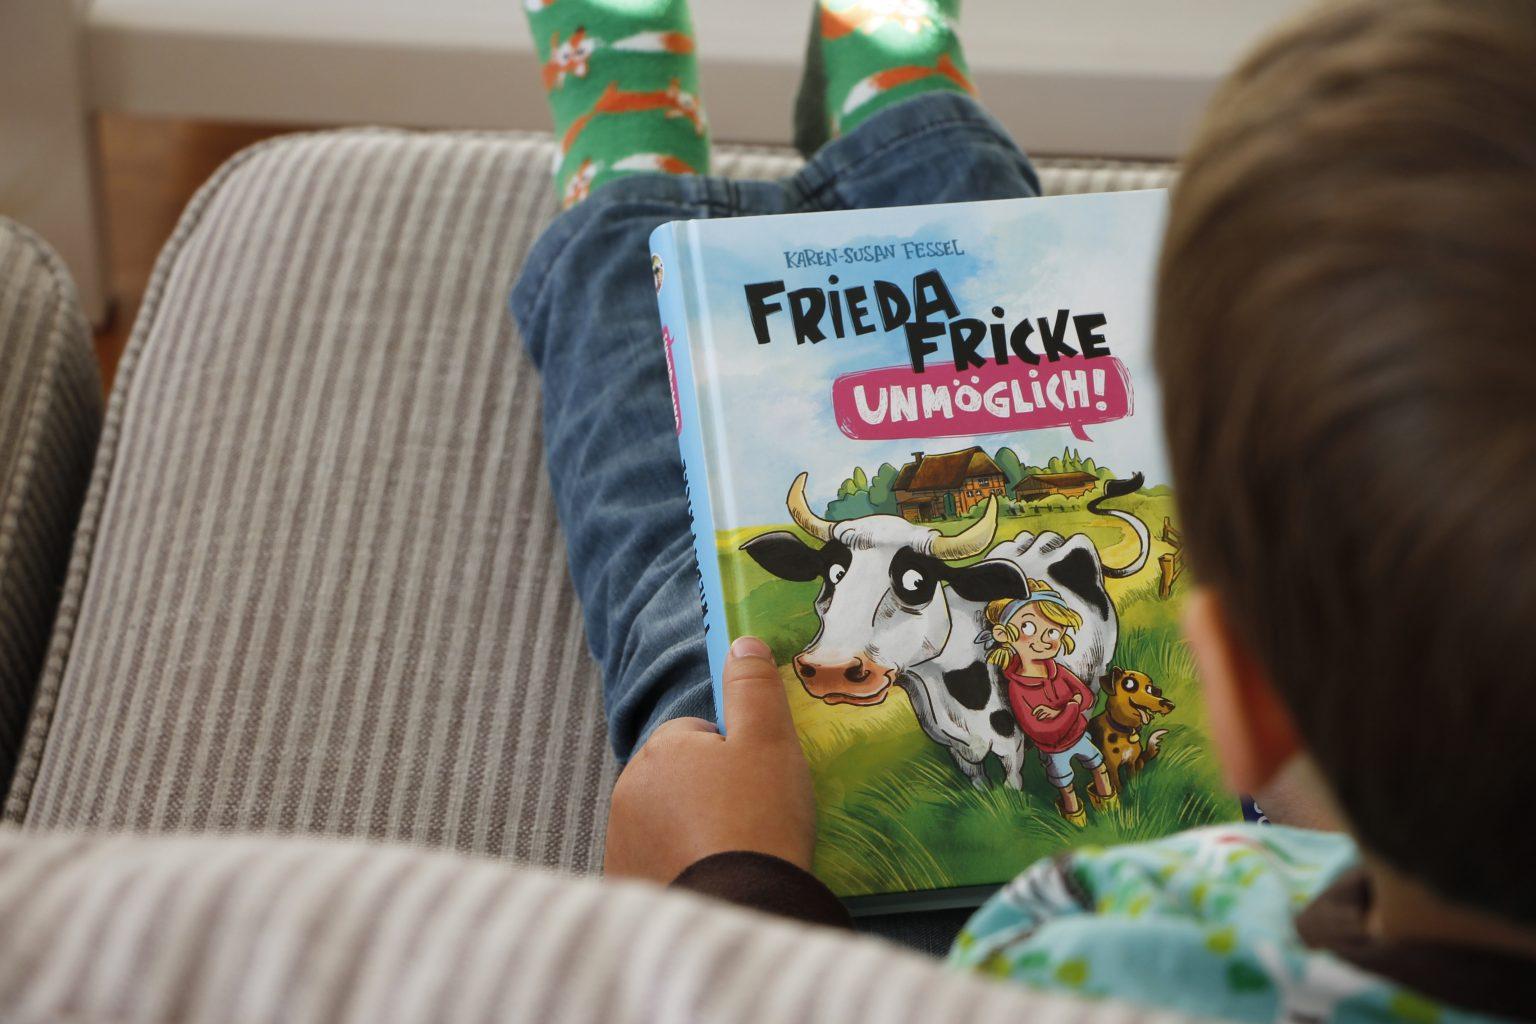 Frieda Fricke unmöglich